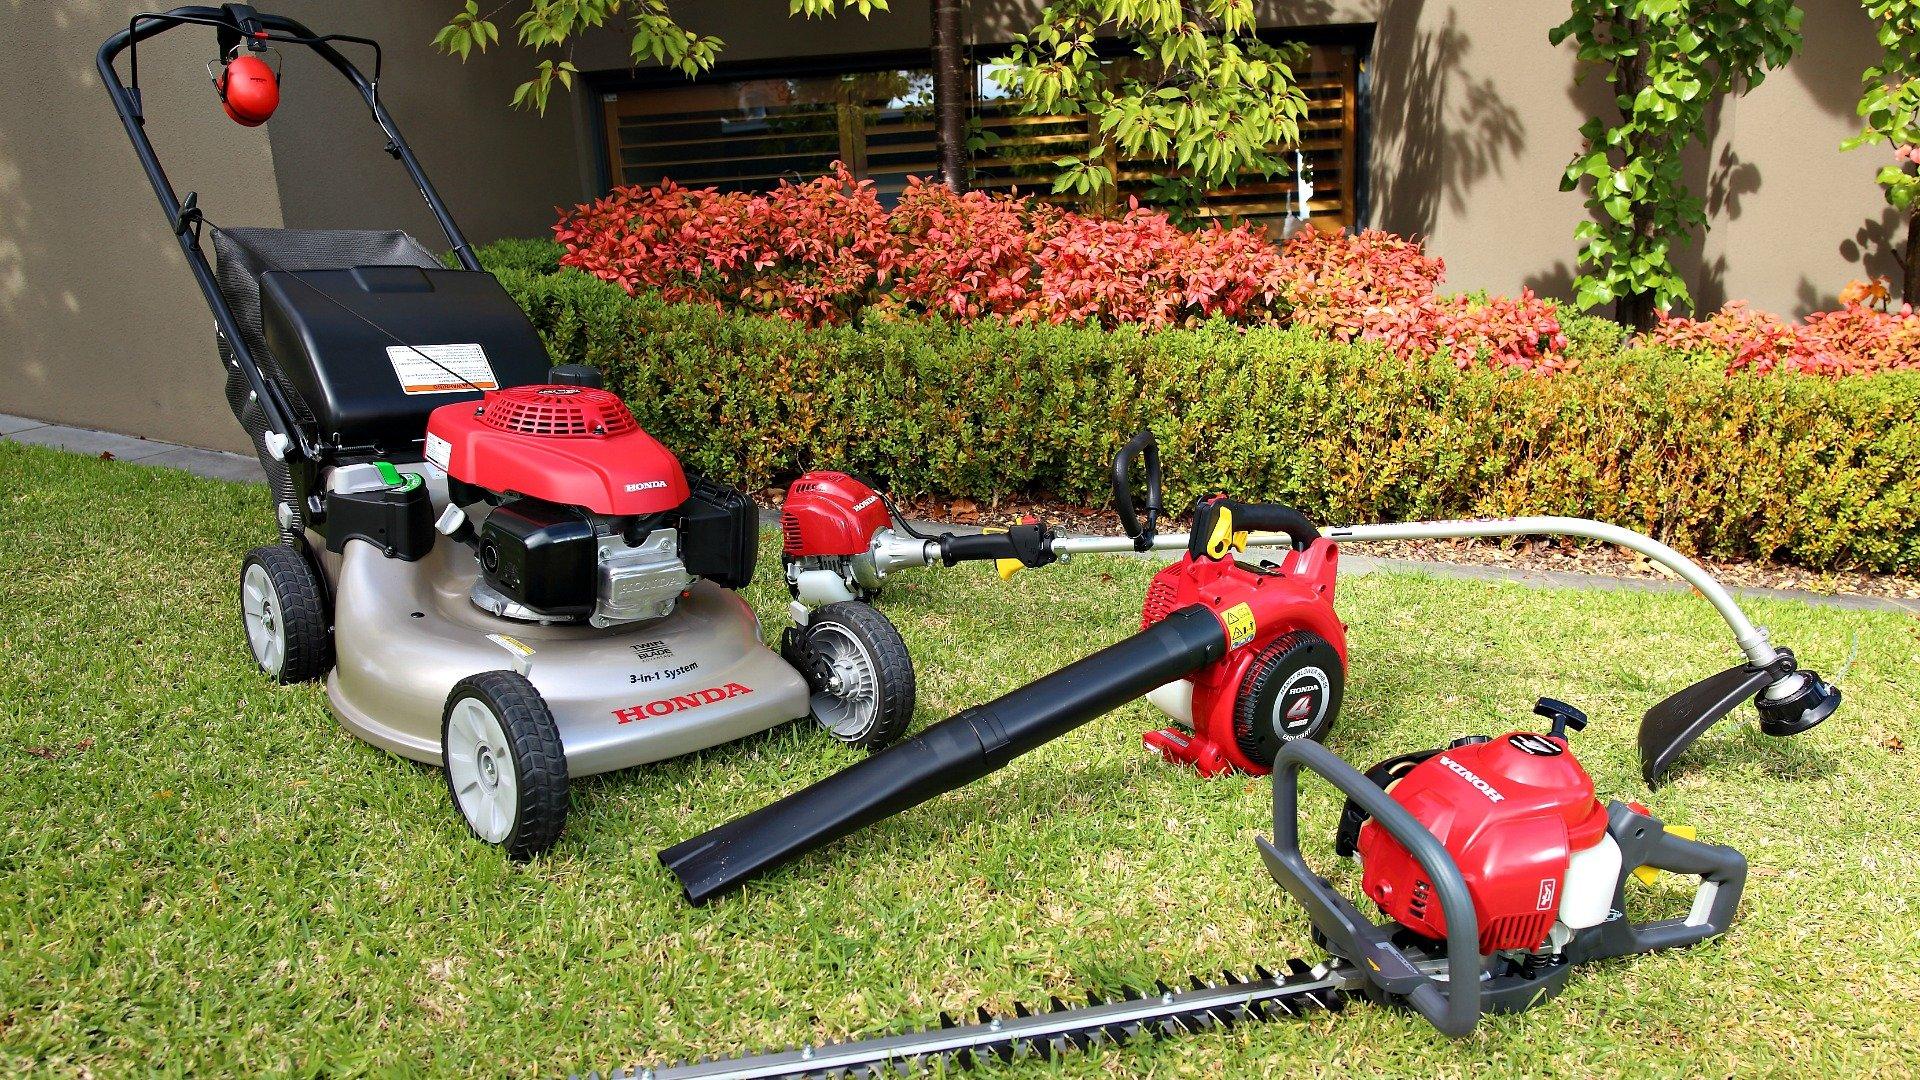 squires mowers machinery honda stihl power equipment dealer